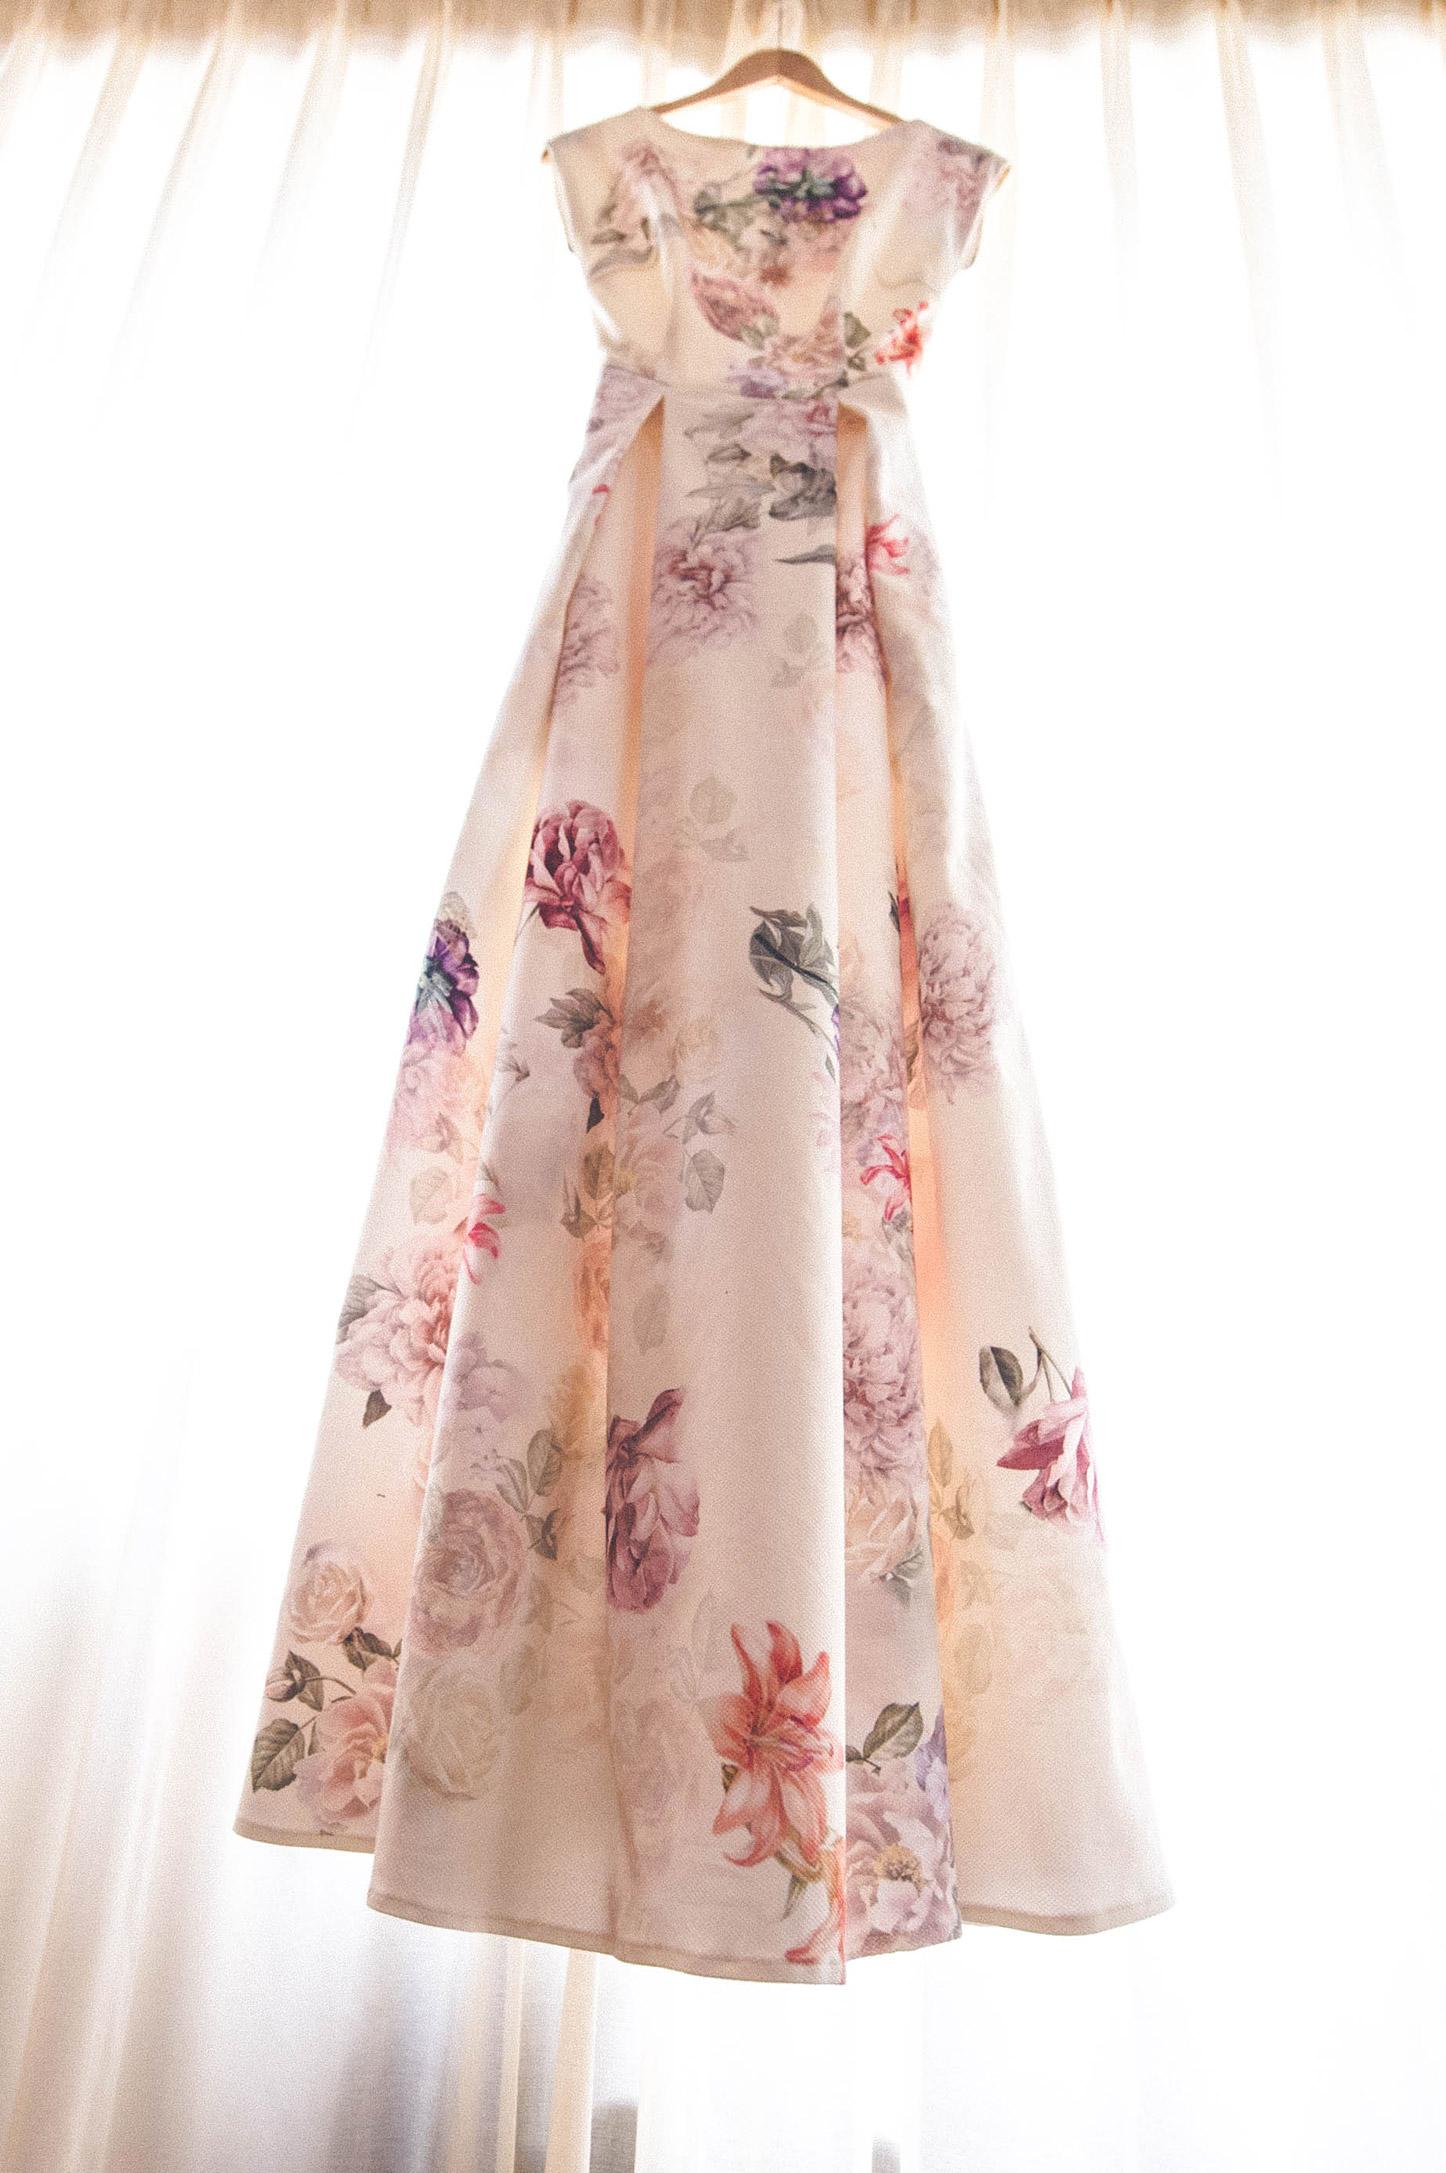 Brautkleid mit Blumenprint am Fenster